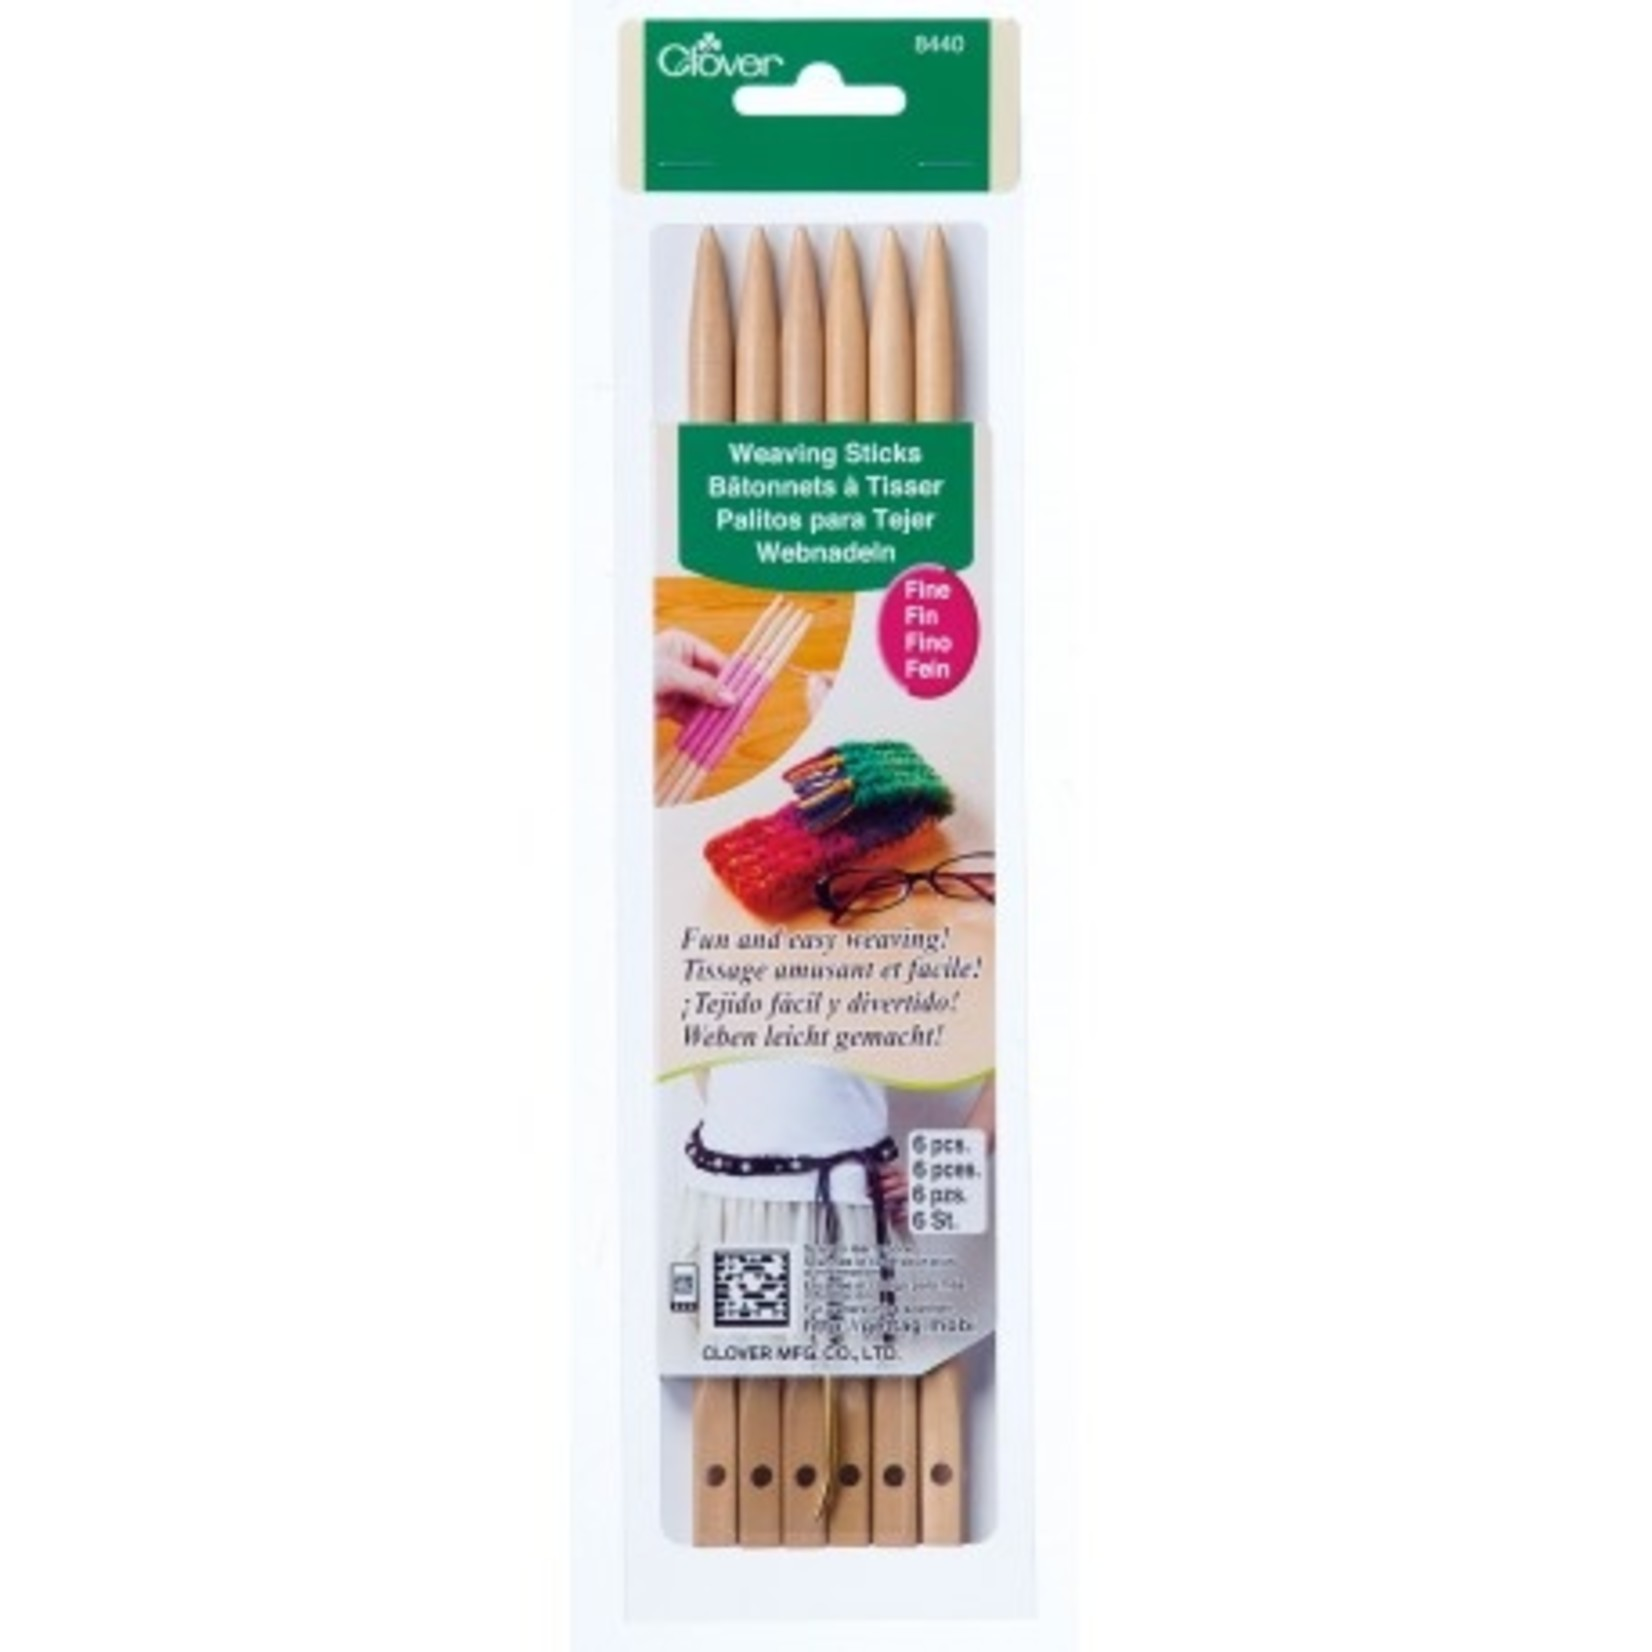 Clover Weaving Sticks by Clover